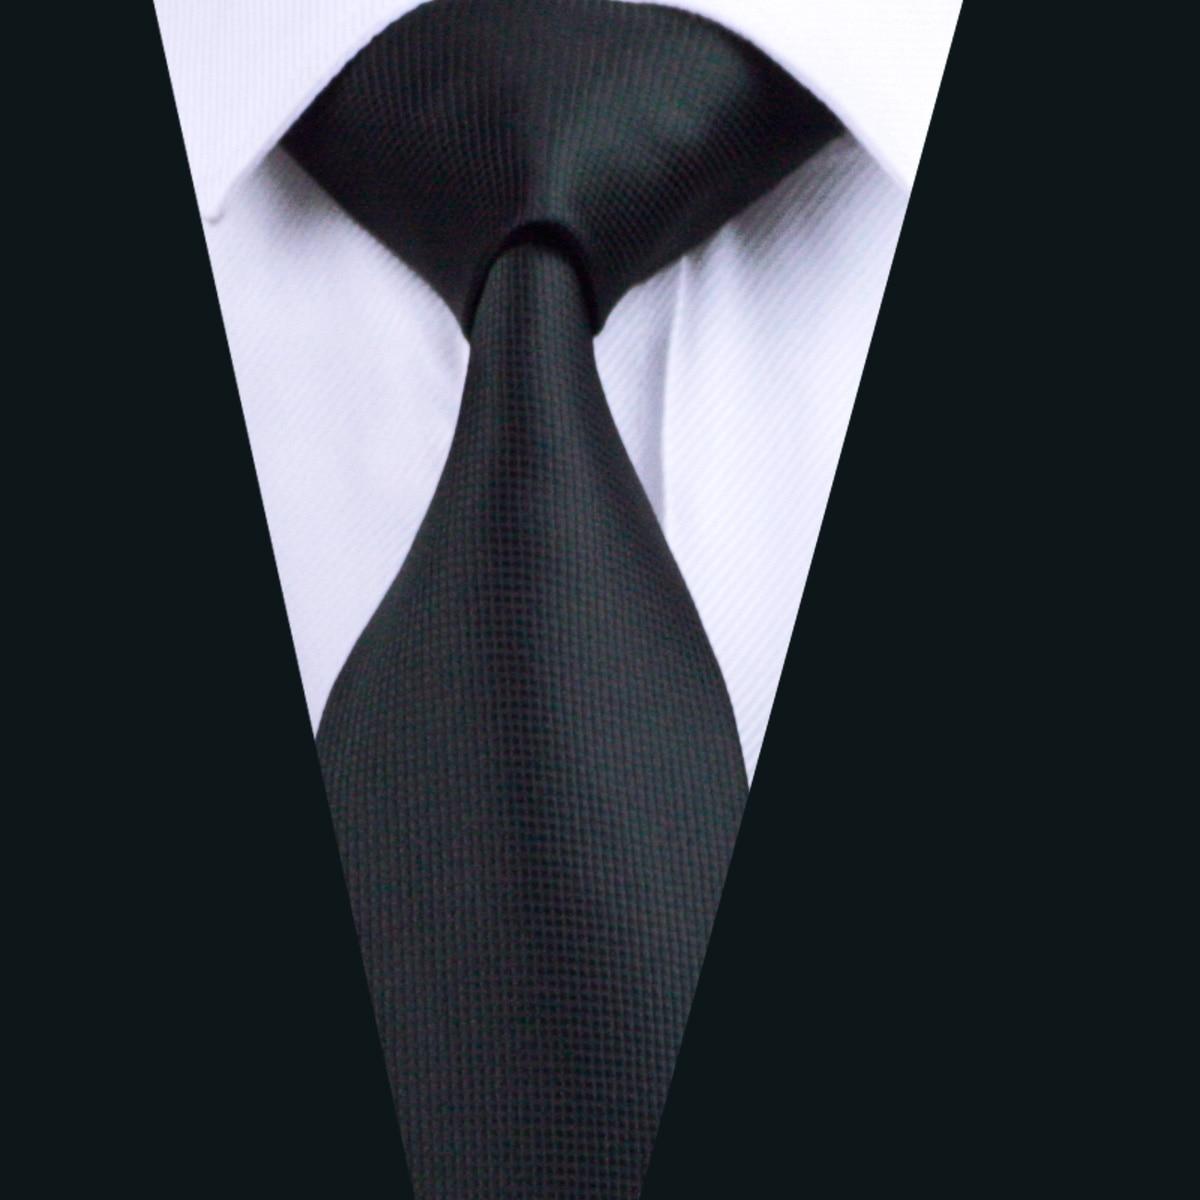 Черный Шелковый мужской галстук для свадебной вечеринки деловой галстук набор FA-251